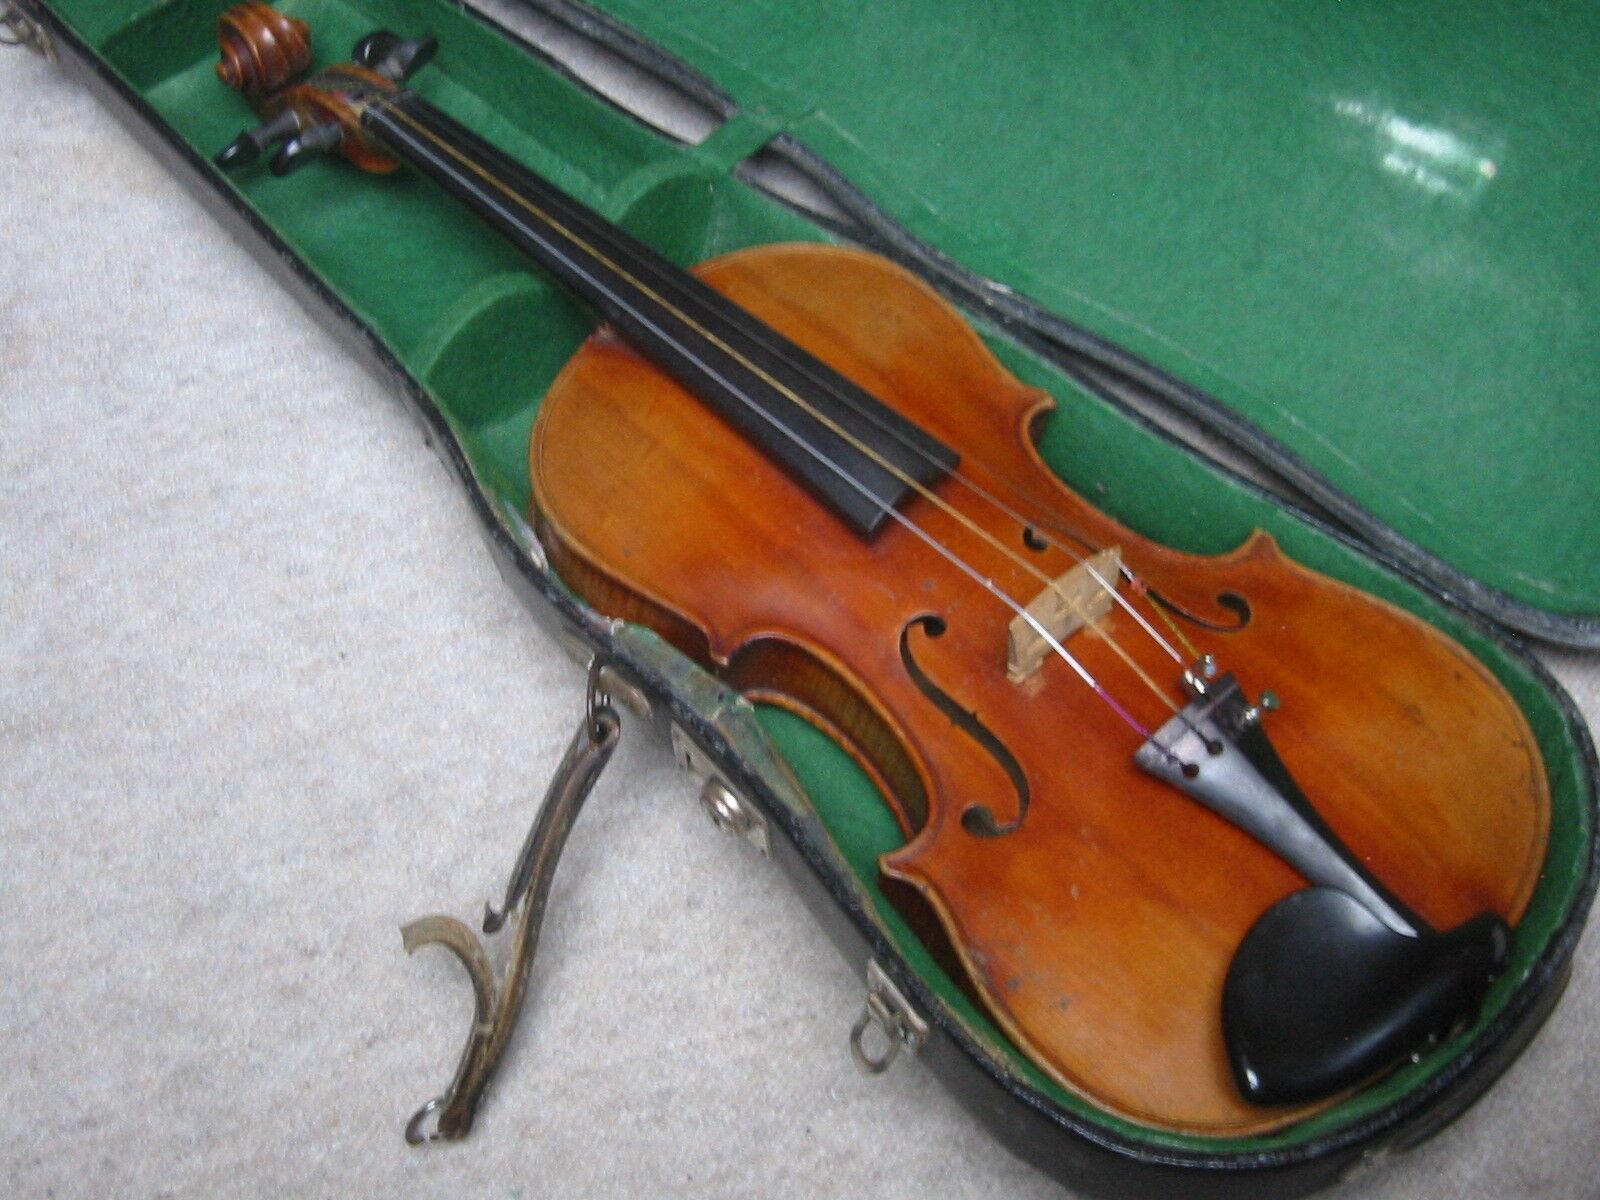 Violín antiguo bellamente flameado violon  farojoti coelestes coelestes coelestes a Sancto germanosulfuro Casal   descuento online